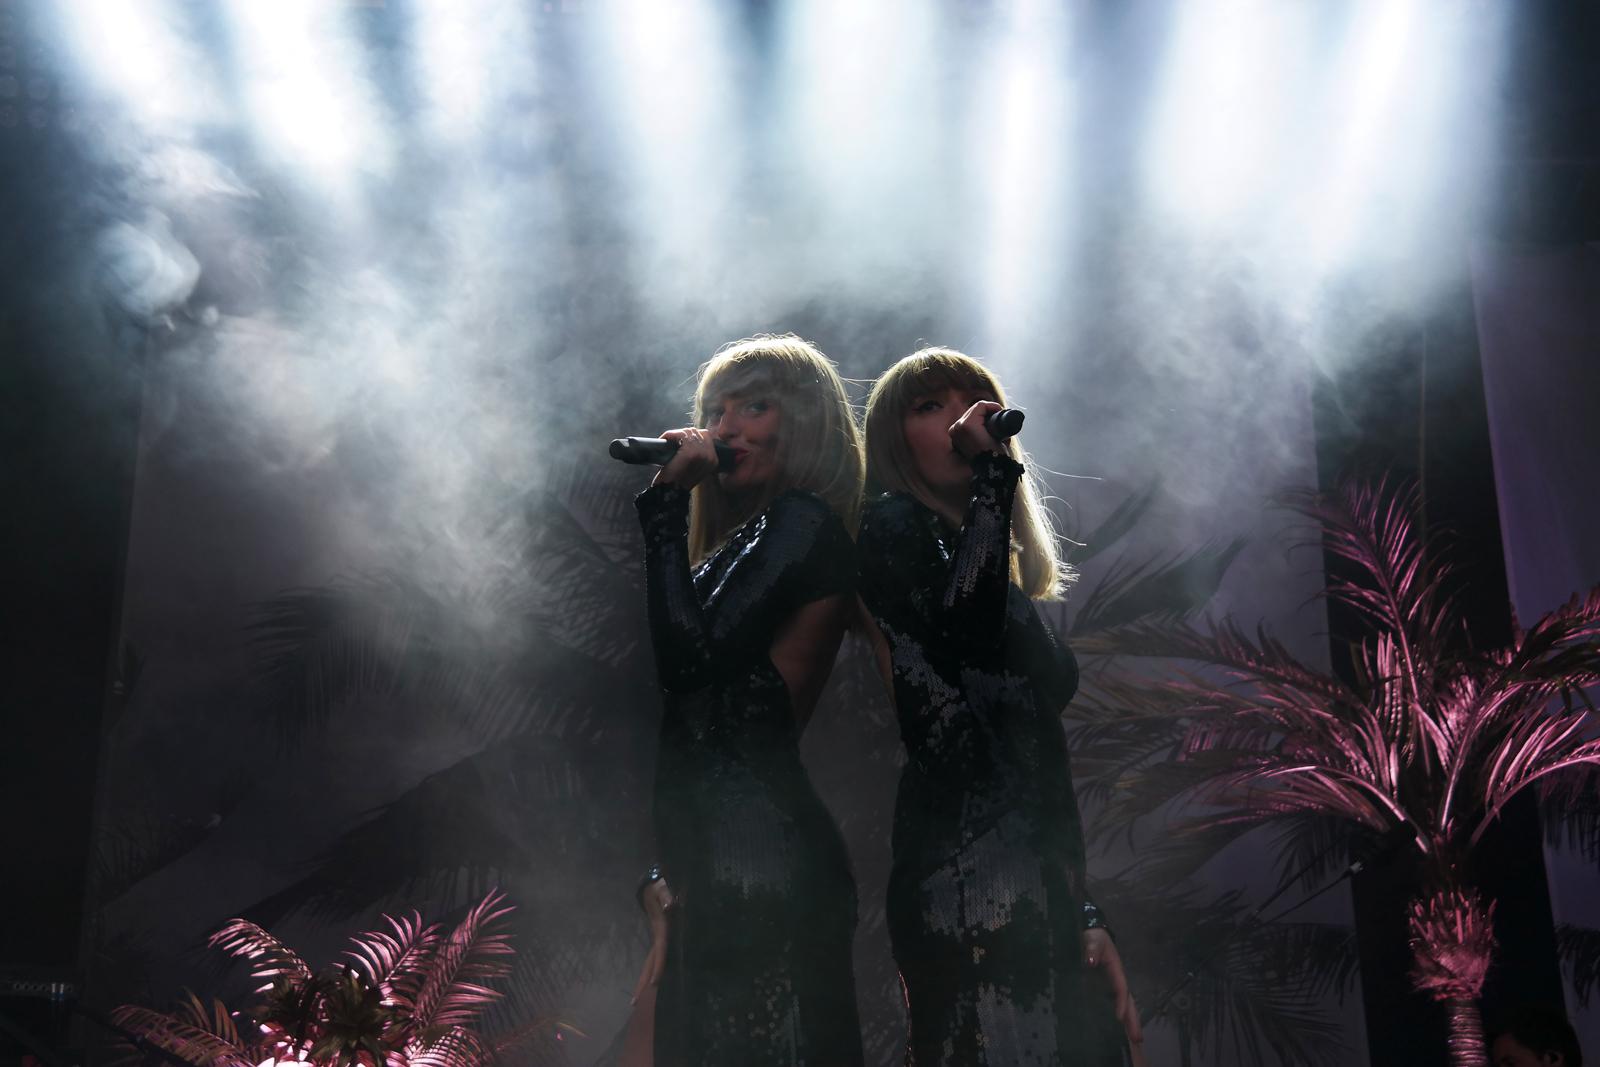 Brigitte-Aurélie-Saada-Sylvie-Hoarau-concert-live-festival-fnaclive-2015-paris-tournée-a-bouche-que-veux-tu-album-musique-photo-scène-by-united-states-of-paris-blog